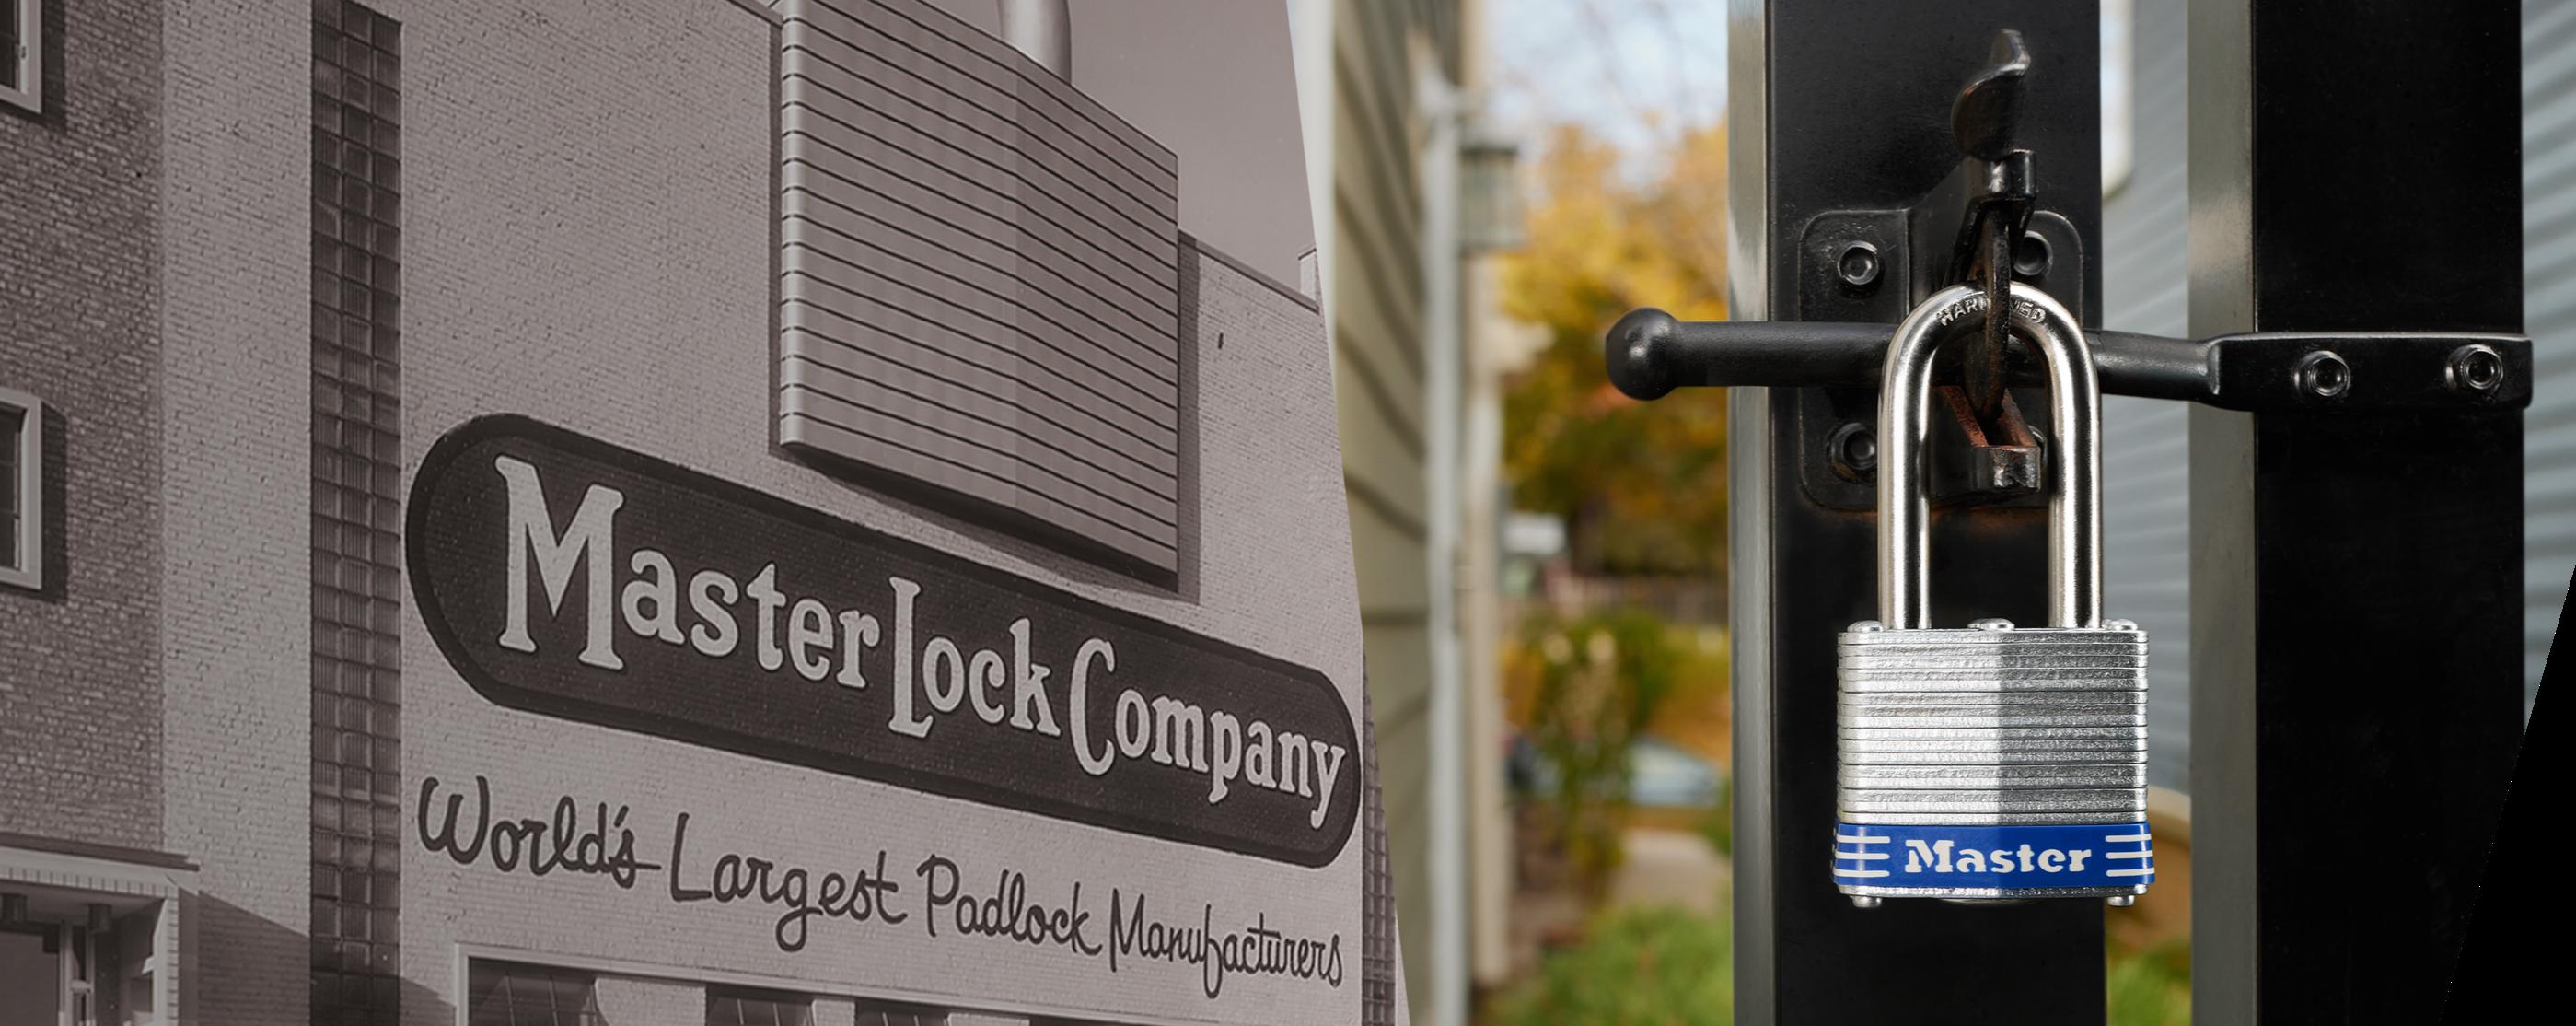 玛斯特锁的历史大楼,栅栏上挂着层压挂锁